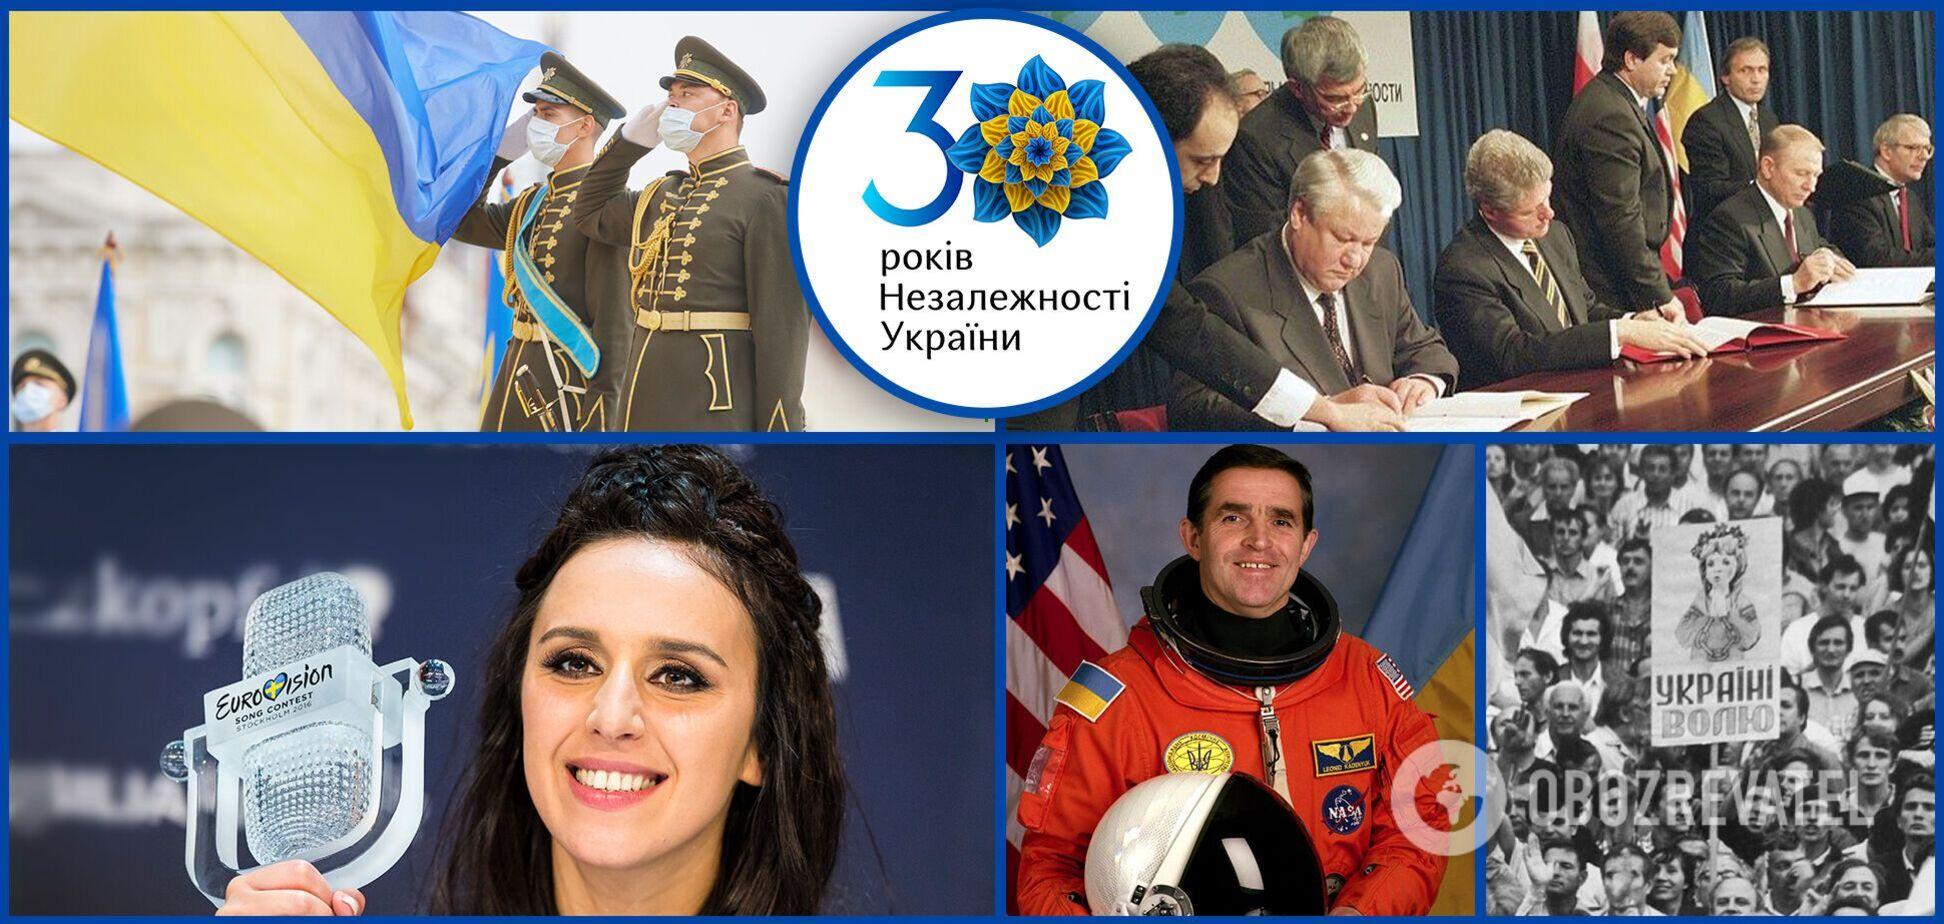 Гімн України в космосі, долар по 1,8 грн і зближення з Європою: найбільш знакові події за 30 років незалежності